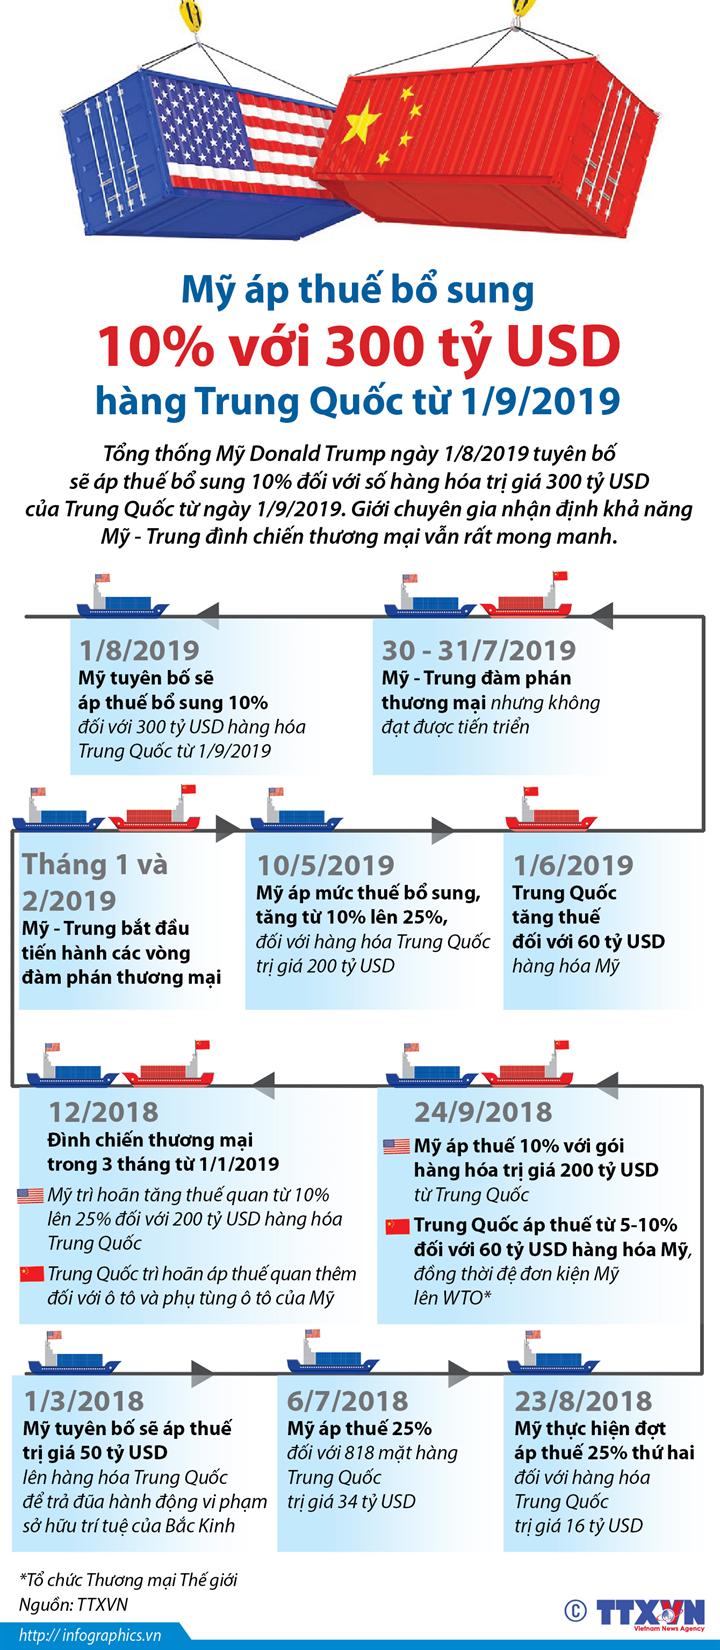 Mỹ áp thuế bổ sung 10% với 300 tỷ USD hàng Trung Quốc từ 1/9/2019